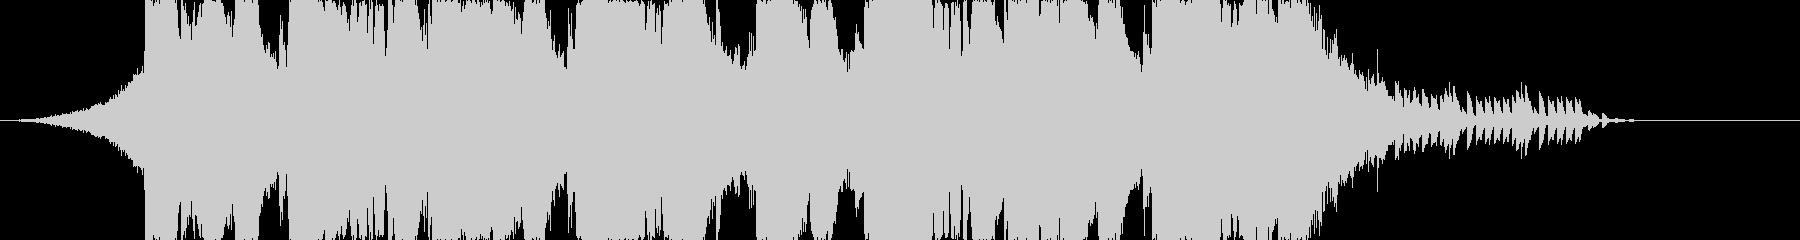 ラウドなダブステップのジングル43秒の未再生の波形